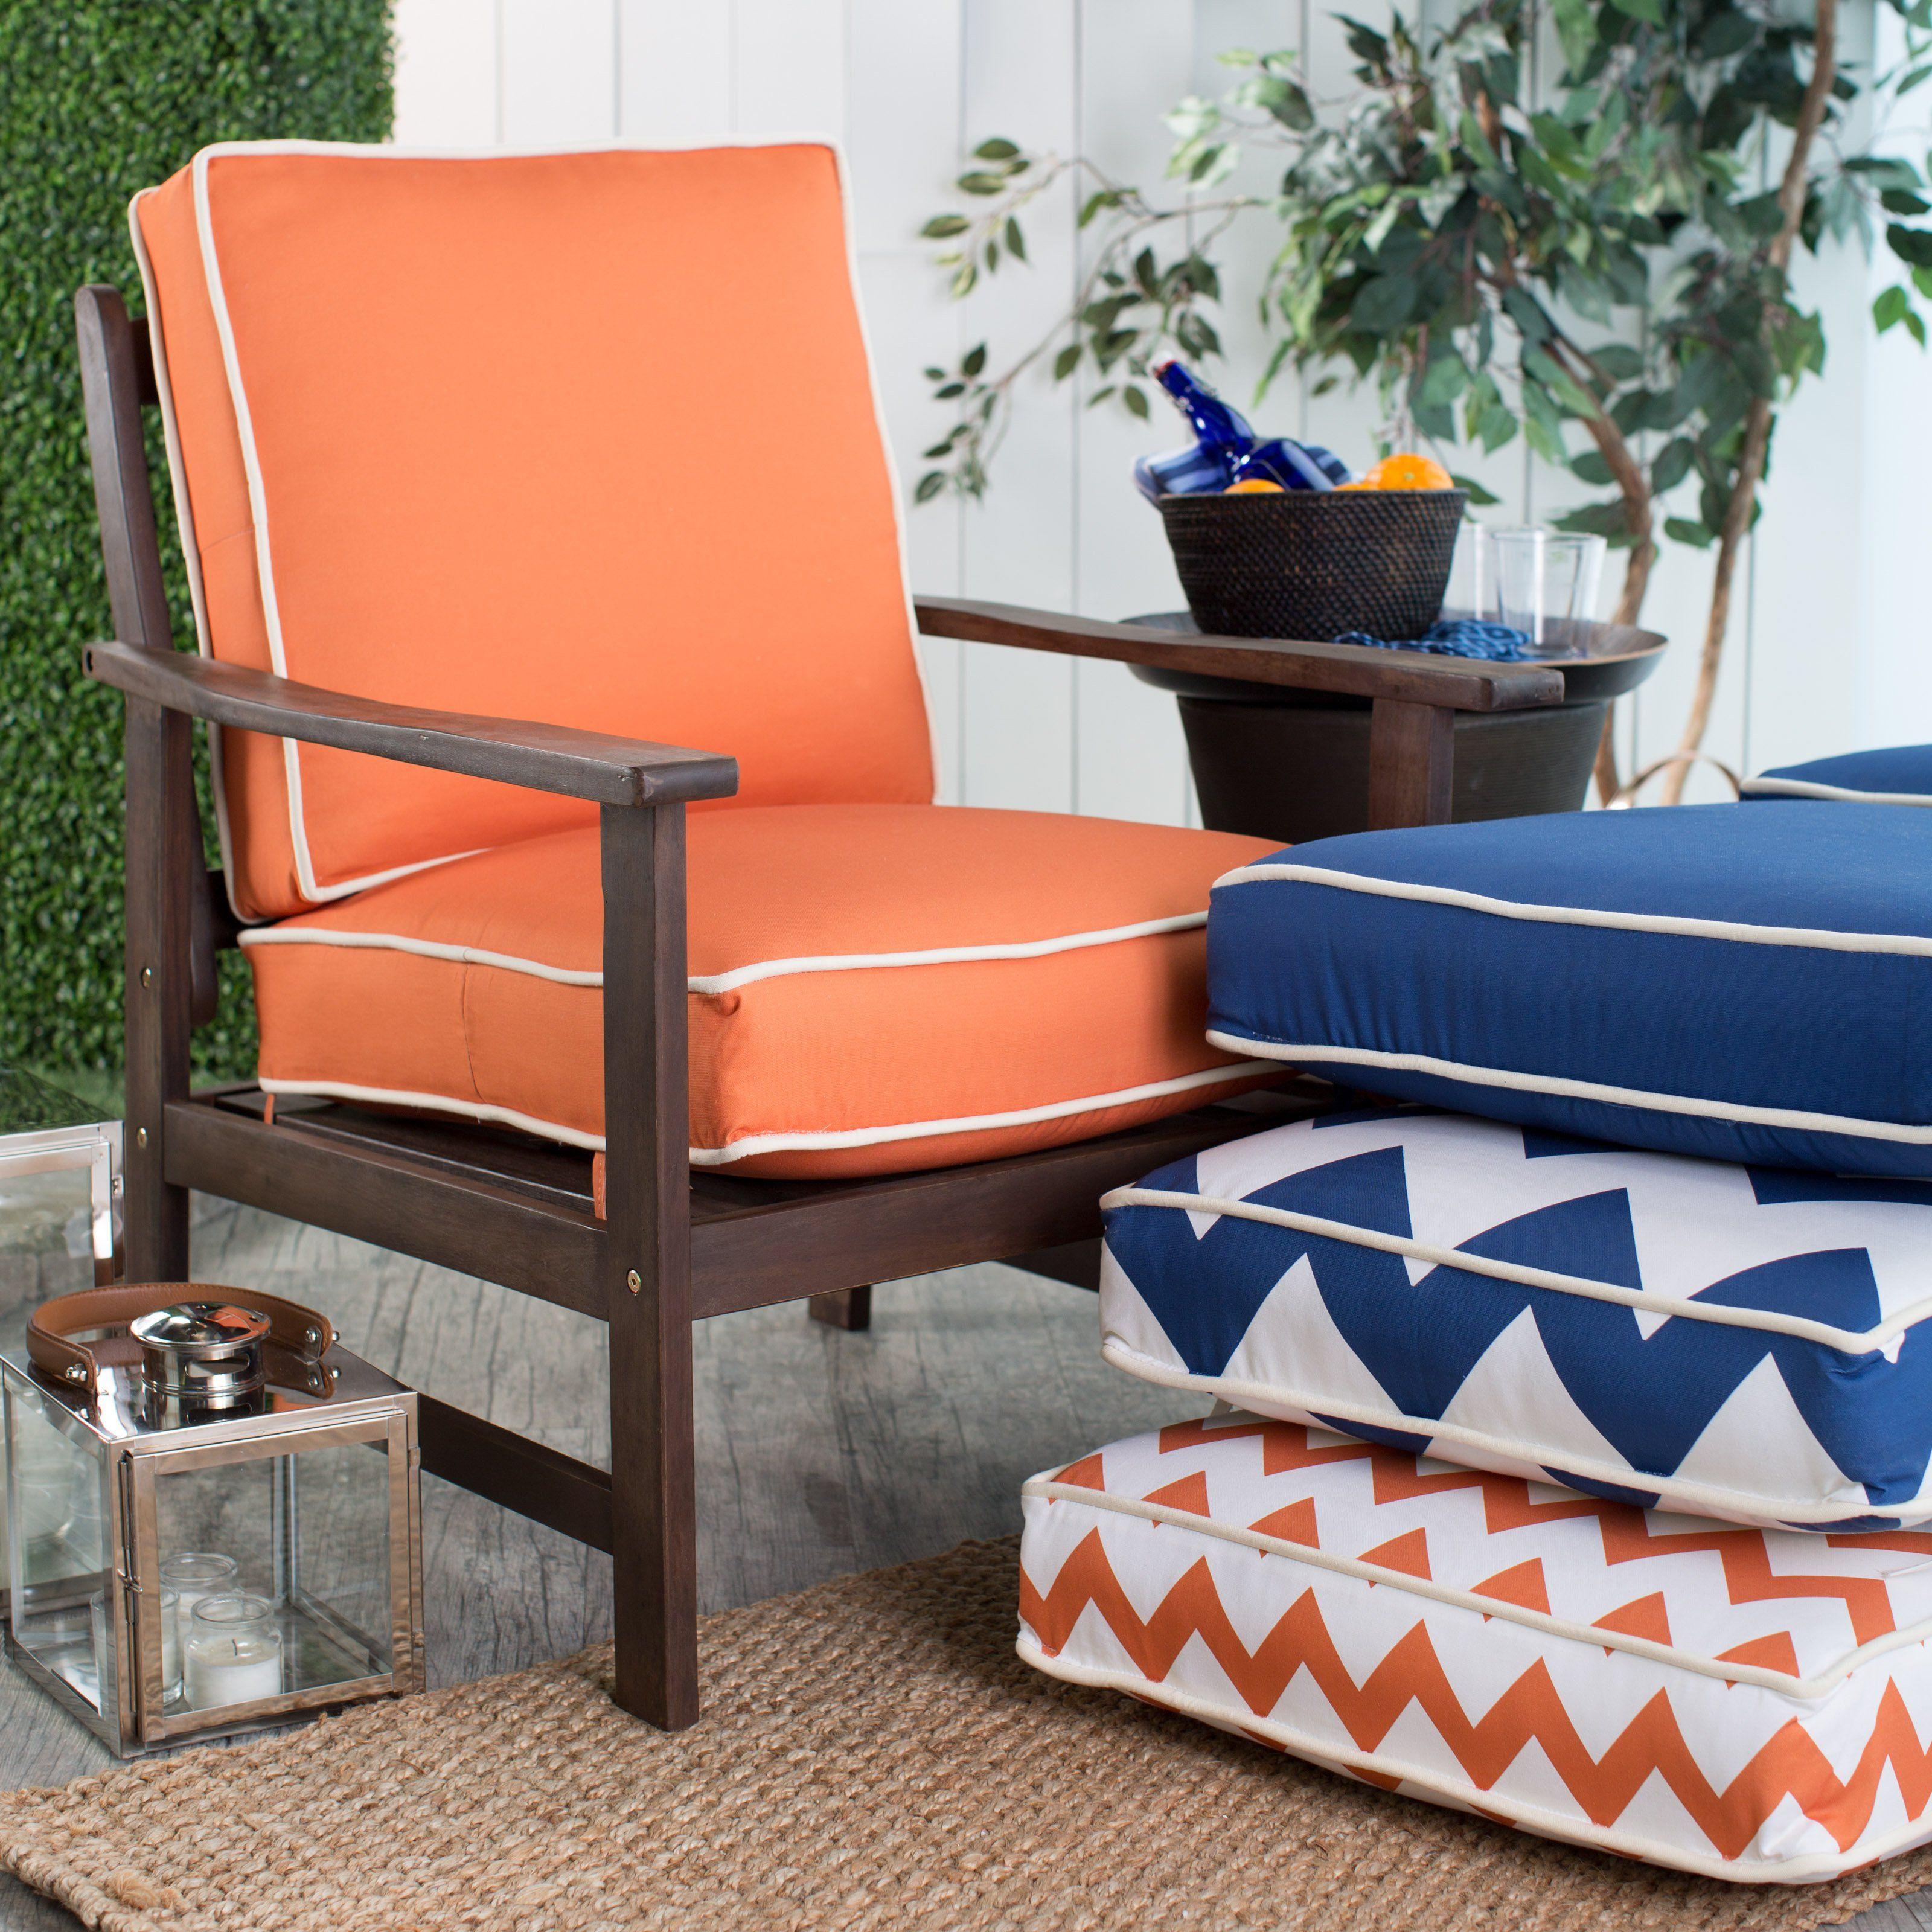 Merveilleux Coral Coast Valencia Boxed Edge 24 X 22.5 In. Chair Cushion   $91.99  @hayneedle